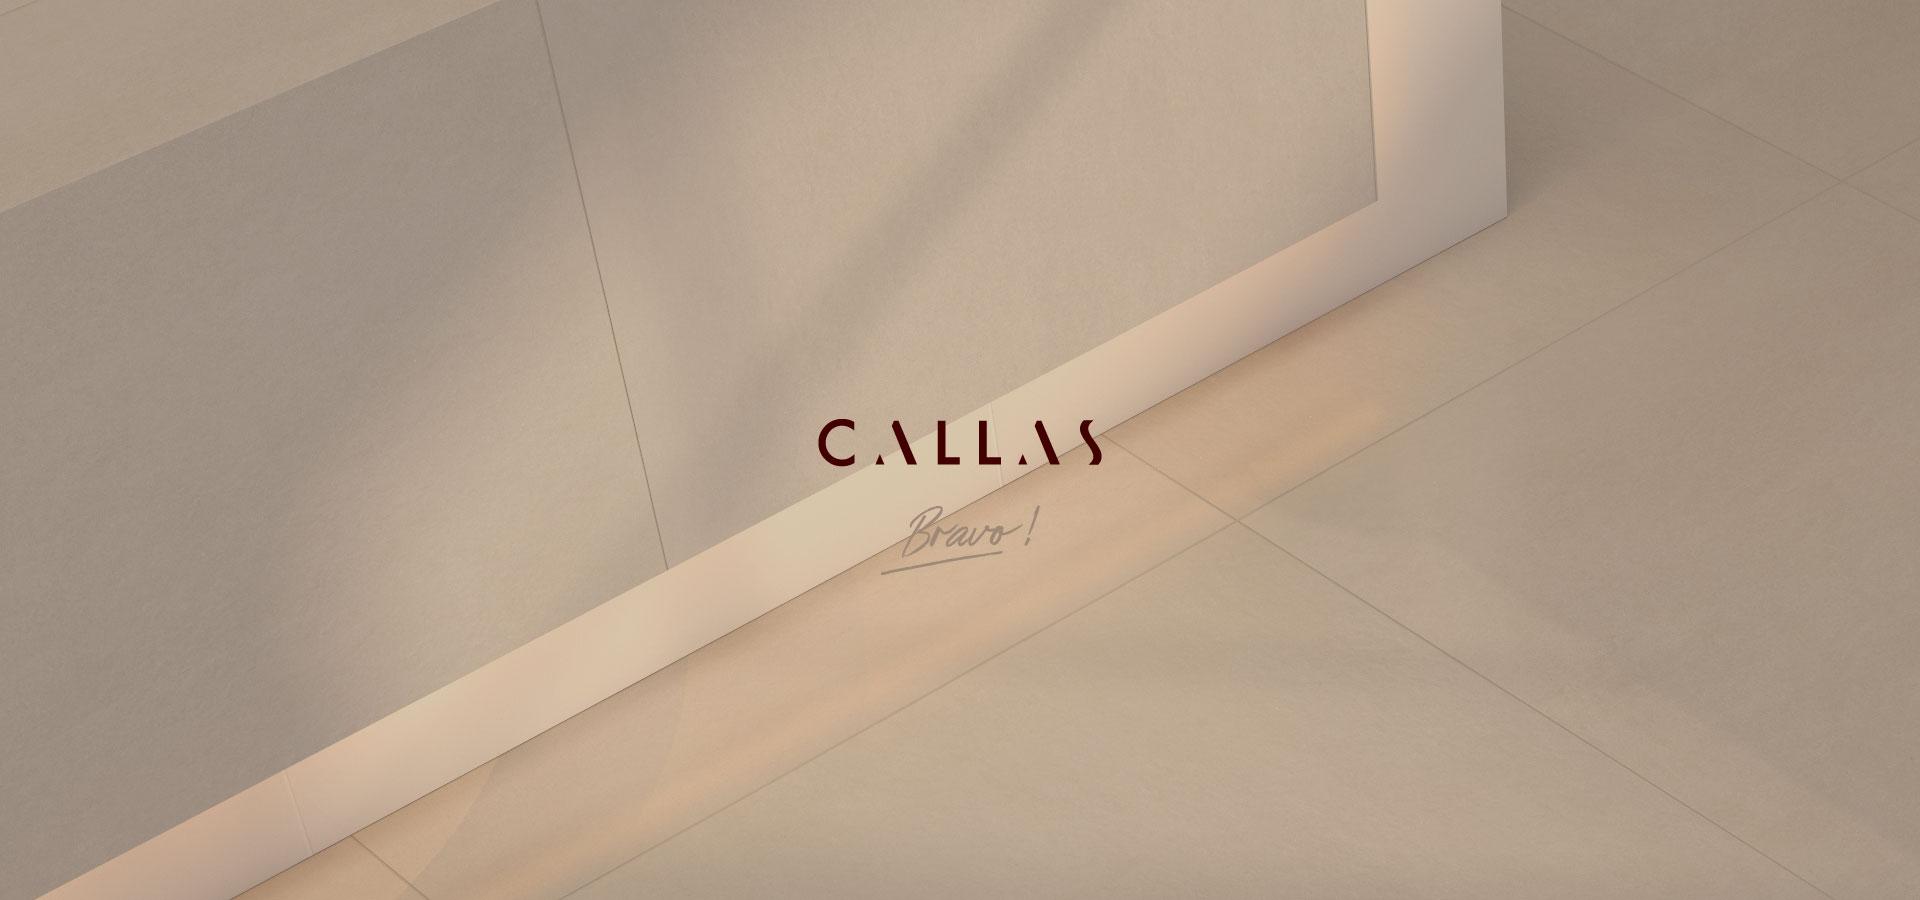 [XOK Branding] Callas